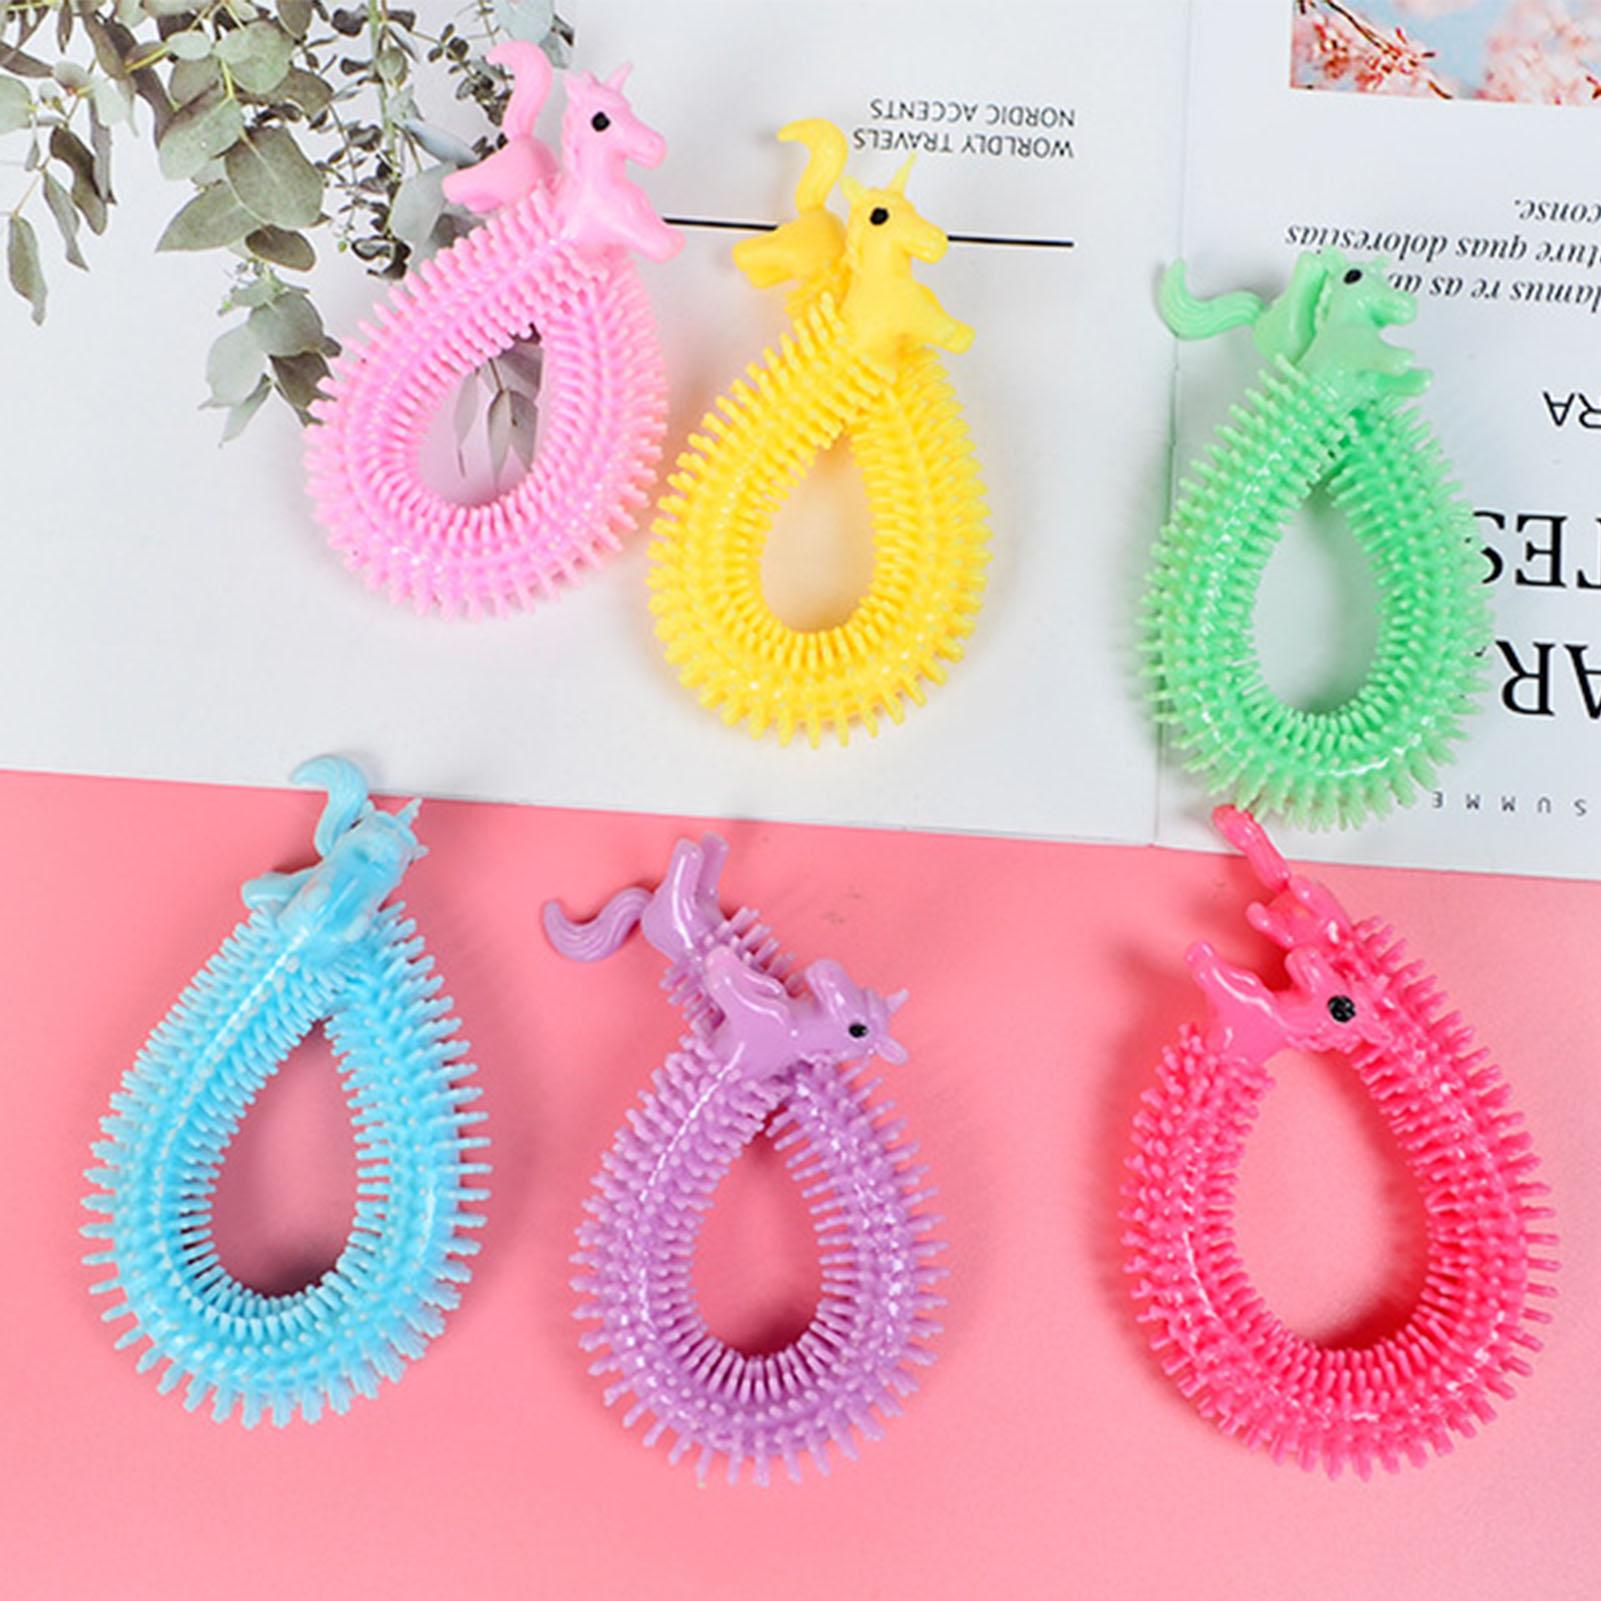 monkey noodle unicorn elastic rope stretchy fidget toy 8693 - Wacky Track